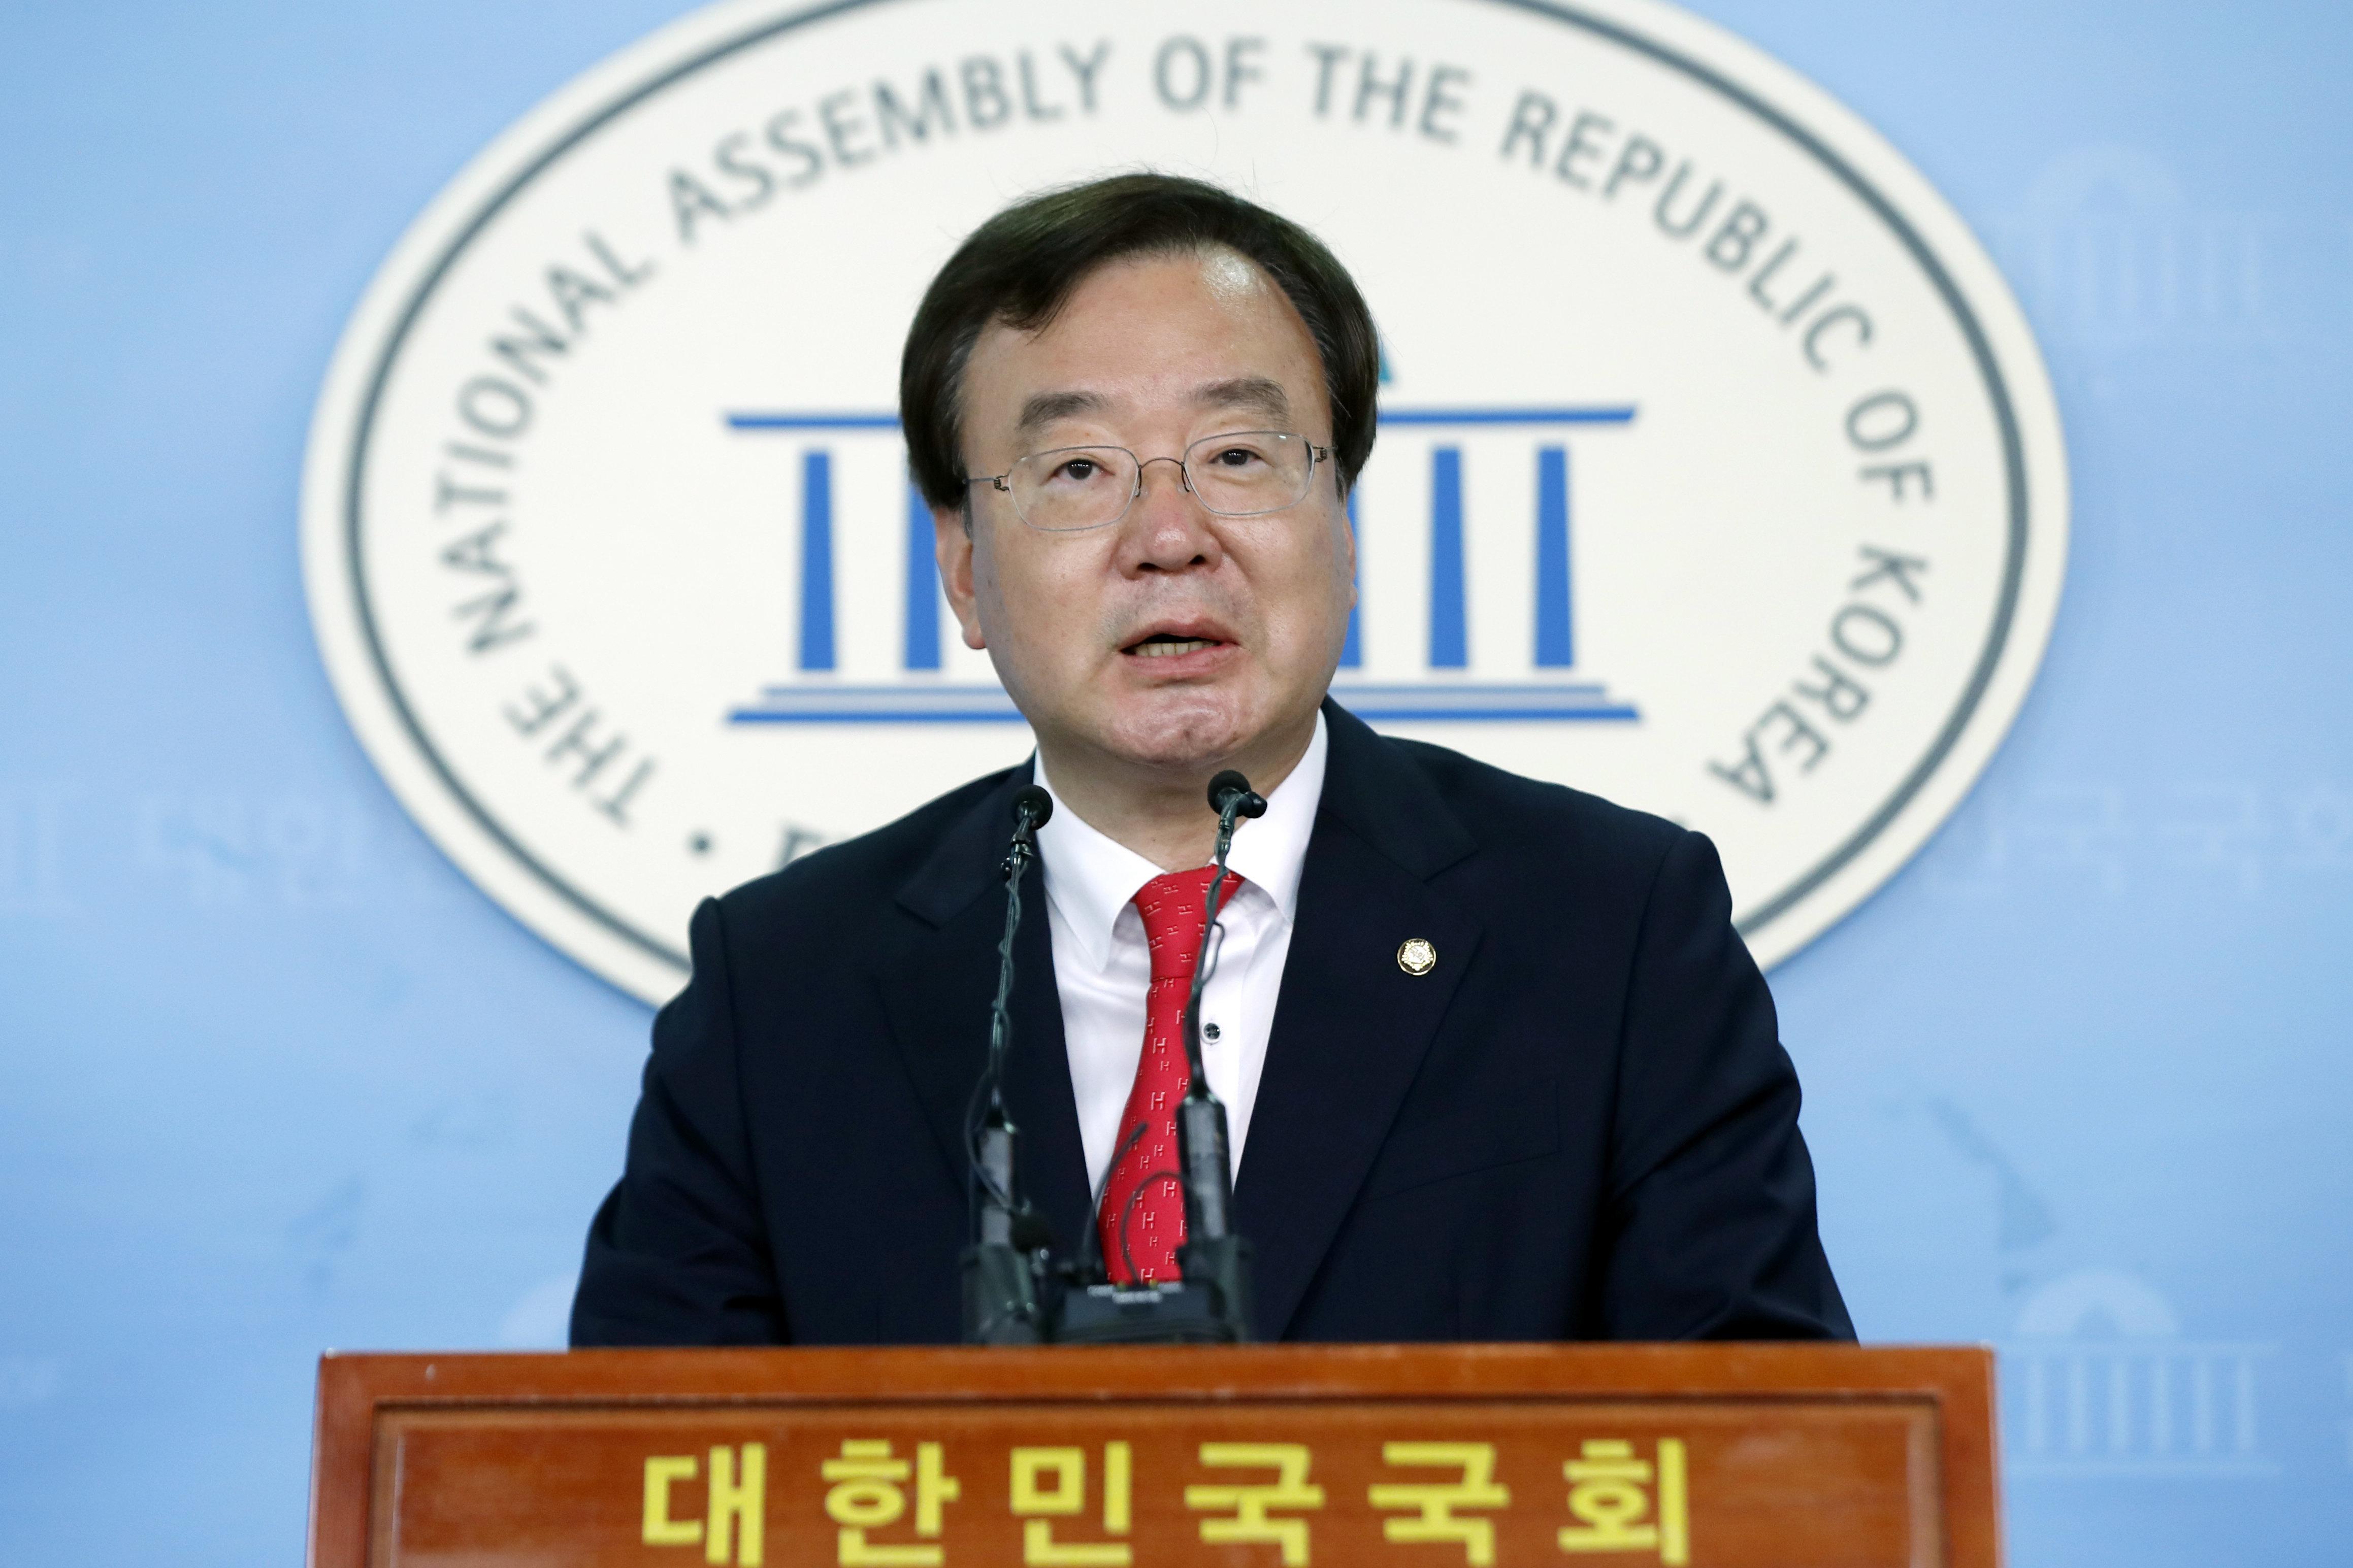 전 조선일보 편집국장 강효상 의원이 현 조선일보 주필을